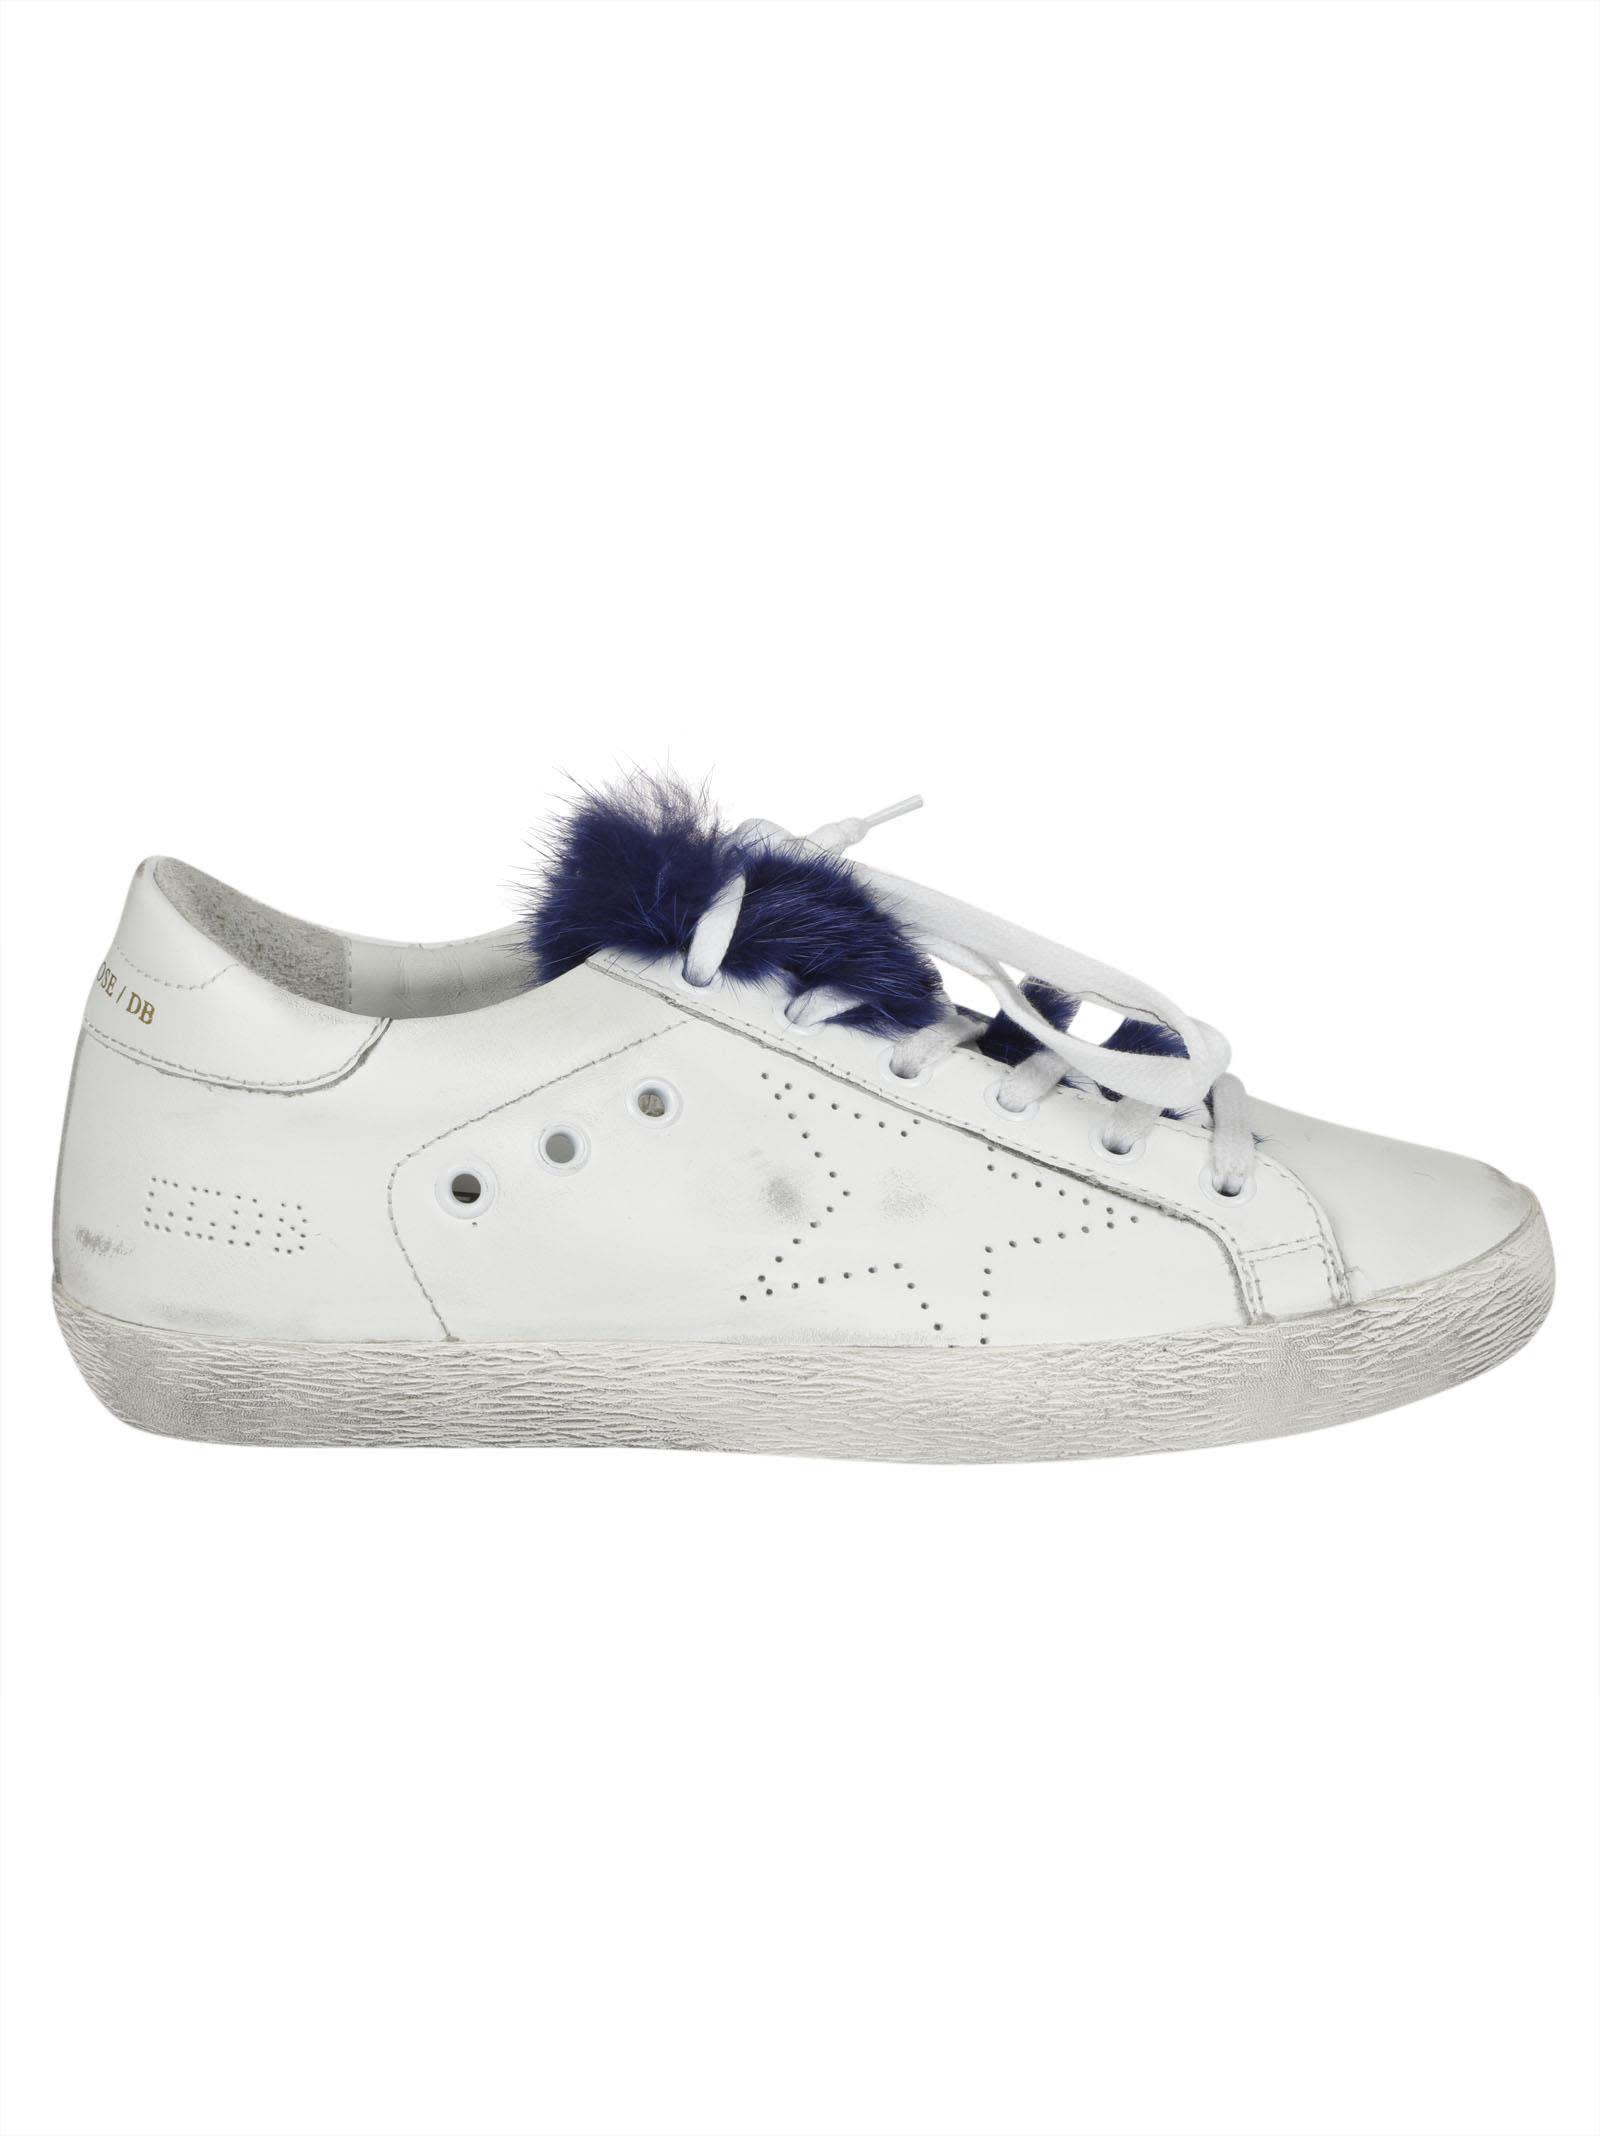 Golden Goose Deluxe Brand Superstar Fur Sneakers